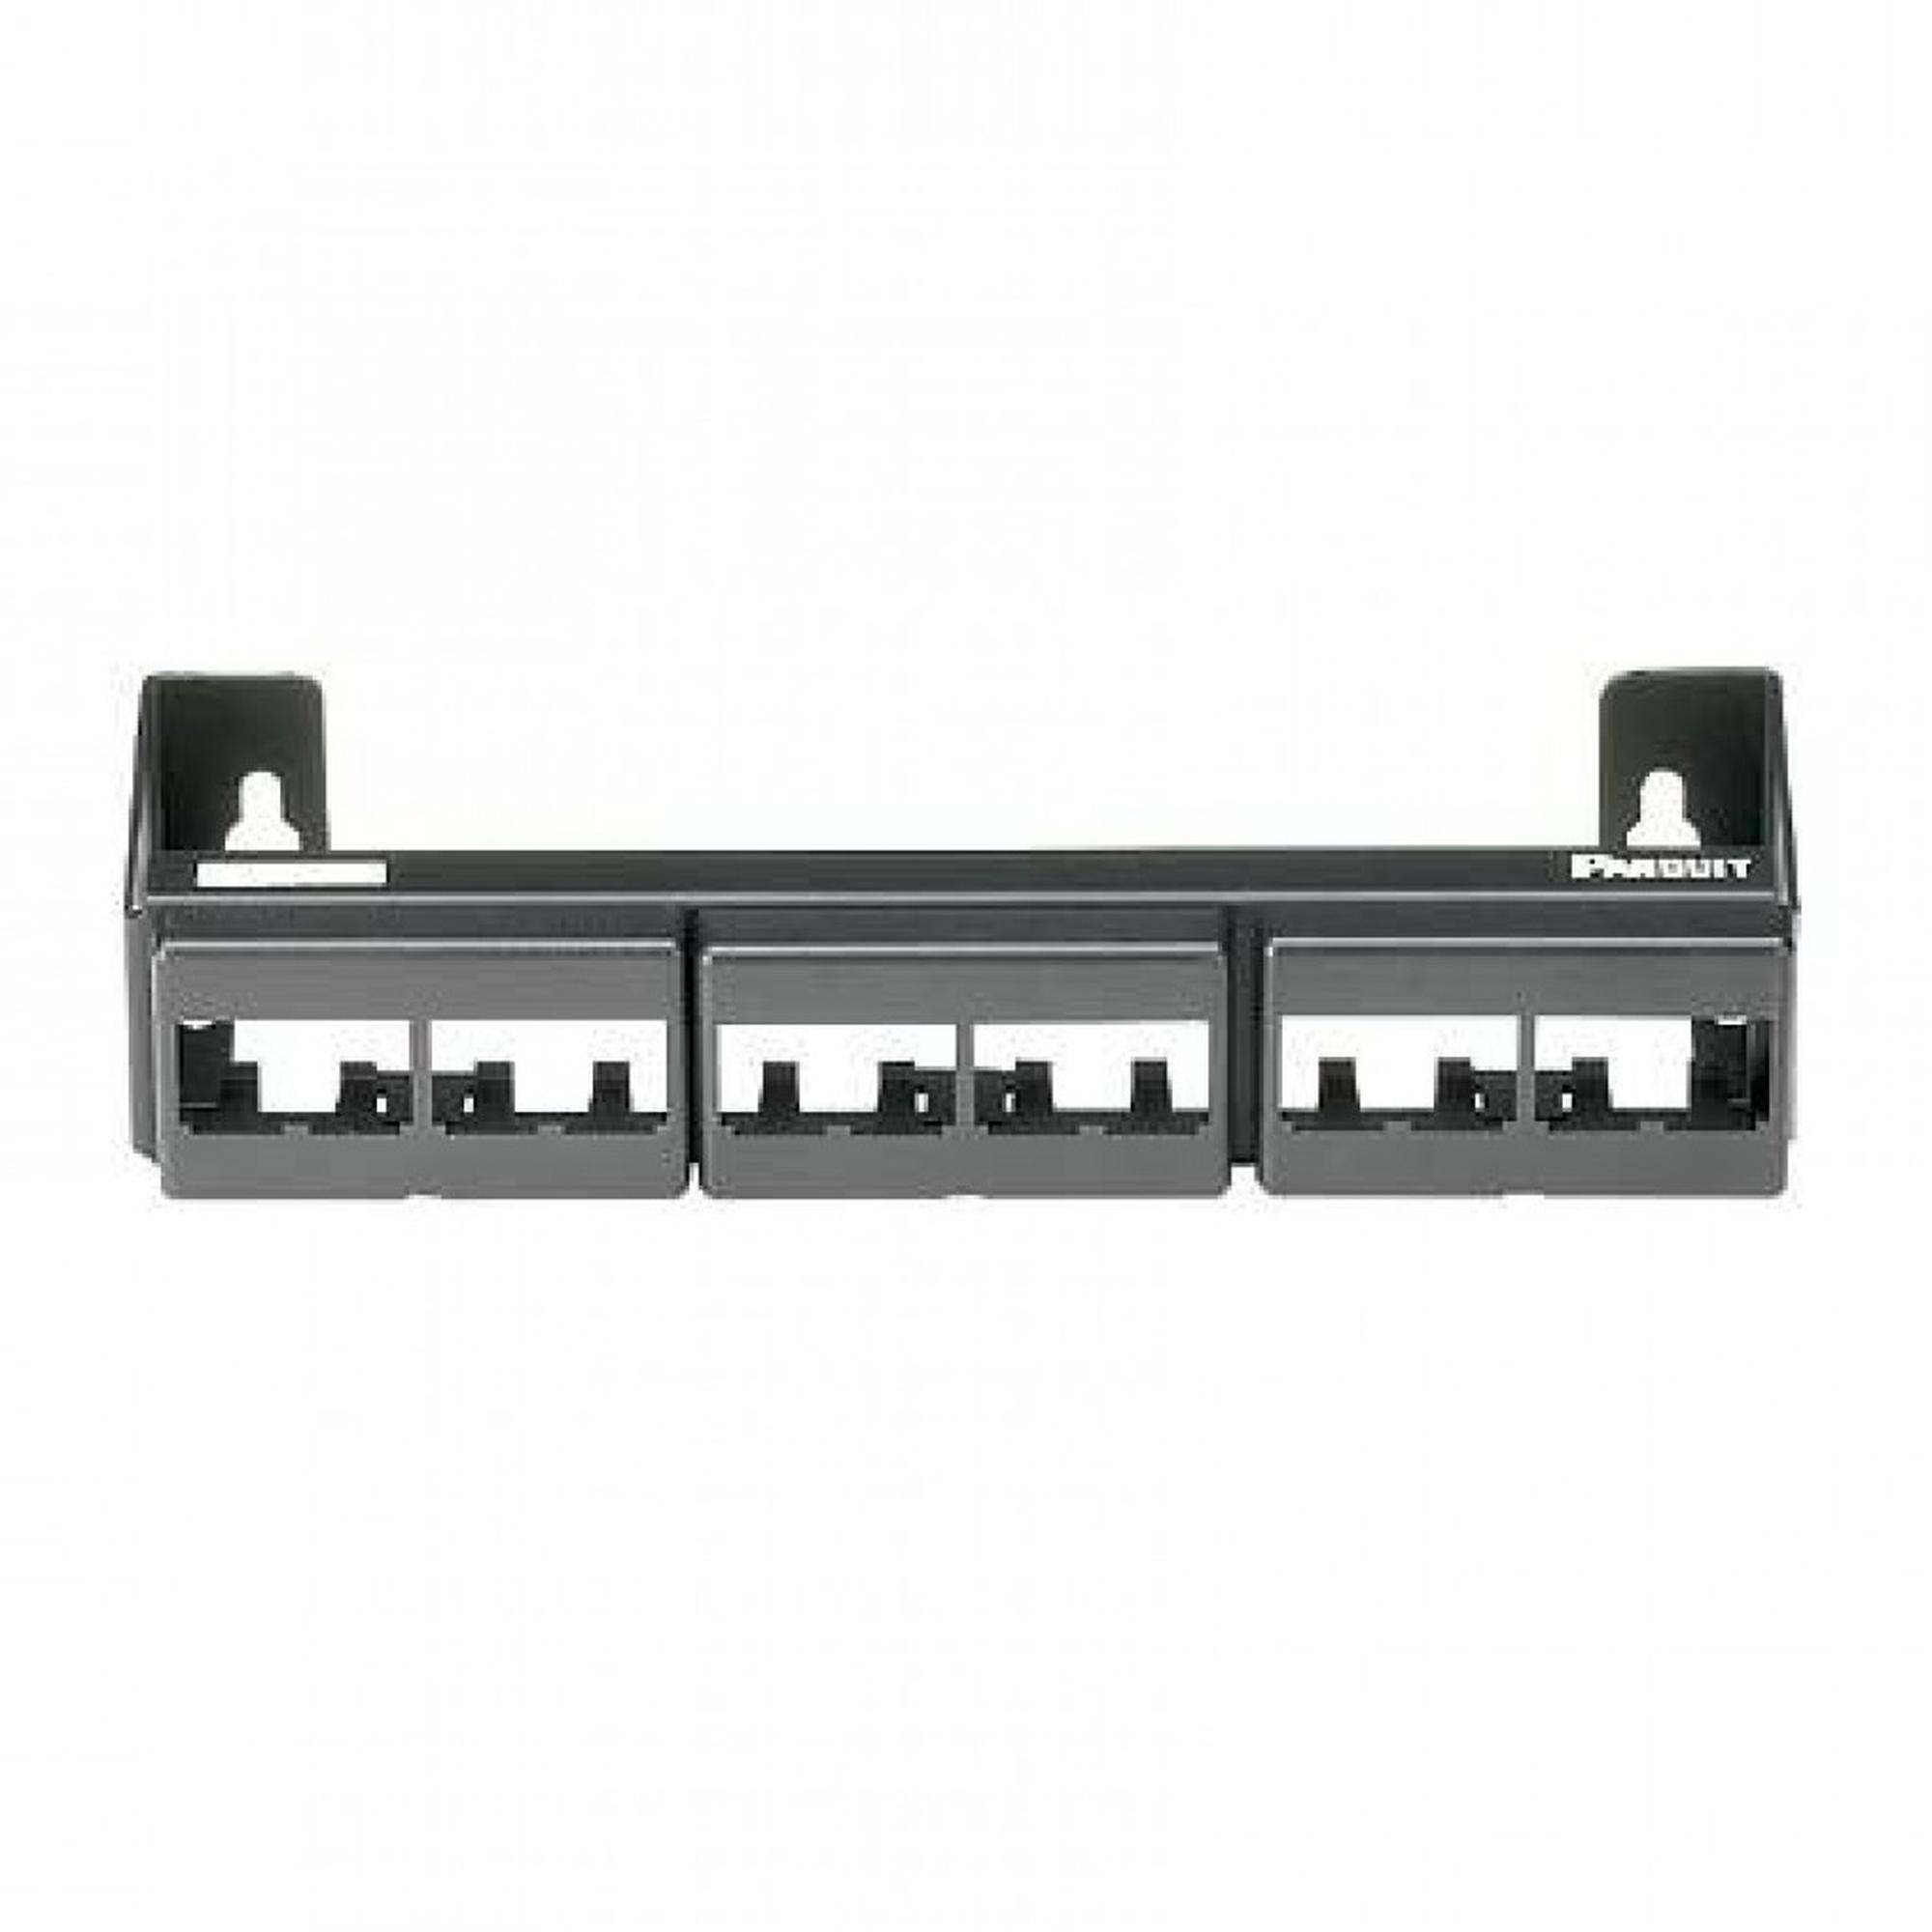 Panel de Parcheo Modular (Sin Conectores), de 12 Puertos Mini-Com, Instalación en Pared con Montaje Incluido, Color Negro